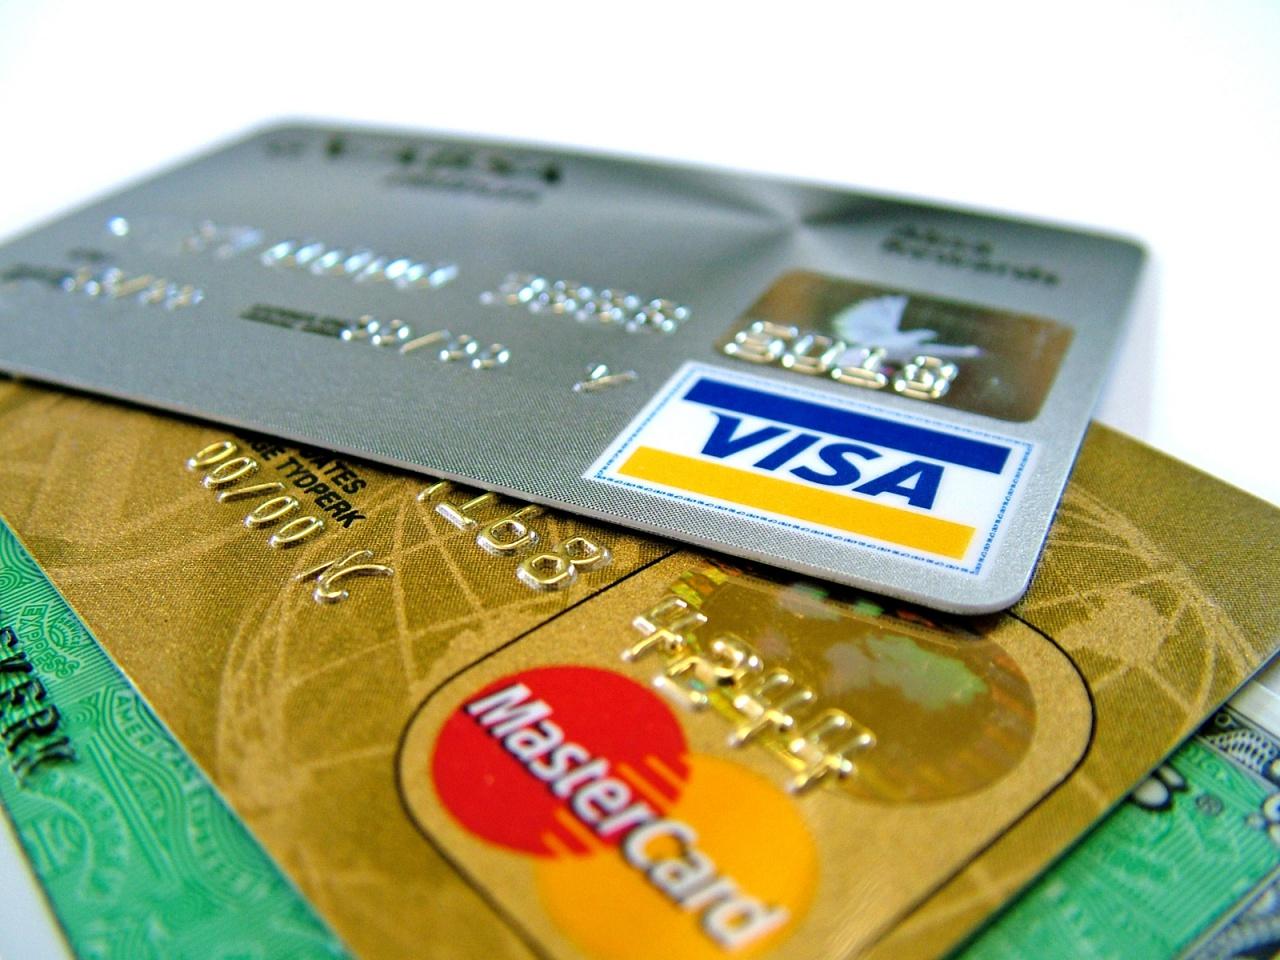 1425632488_v-moskovskom-metro-nachali-prinimat-k-oplate-bankovskie-karty